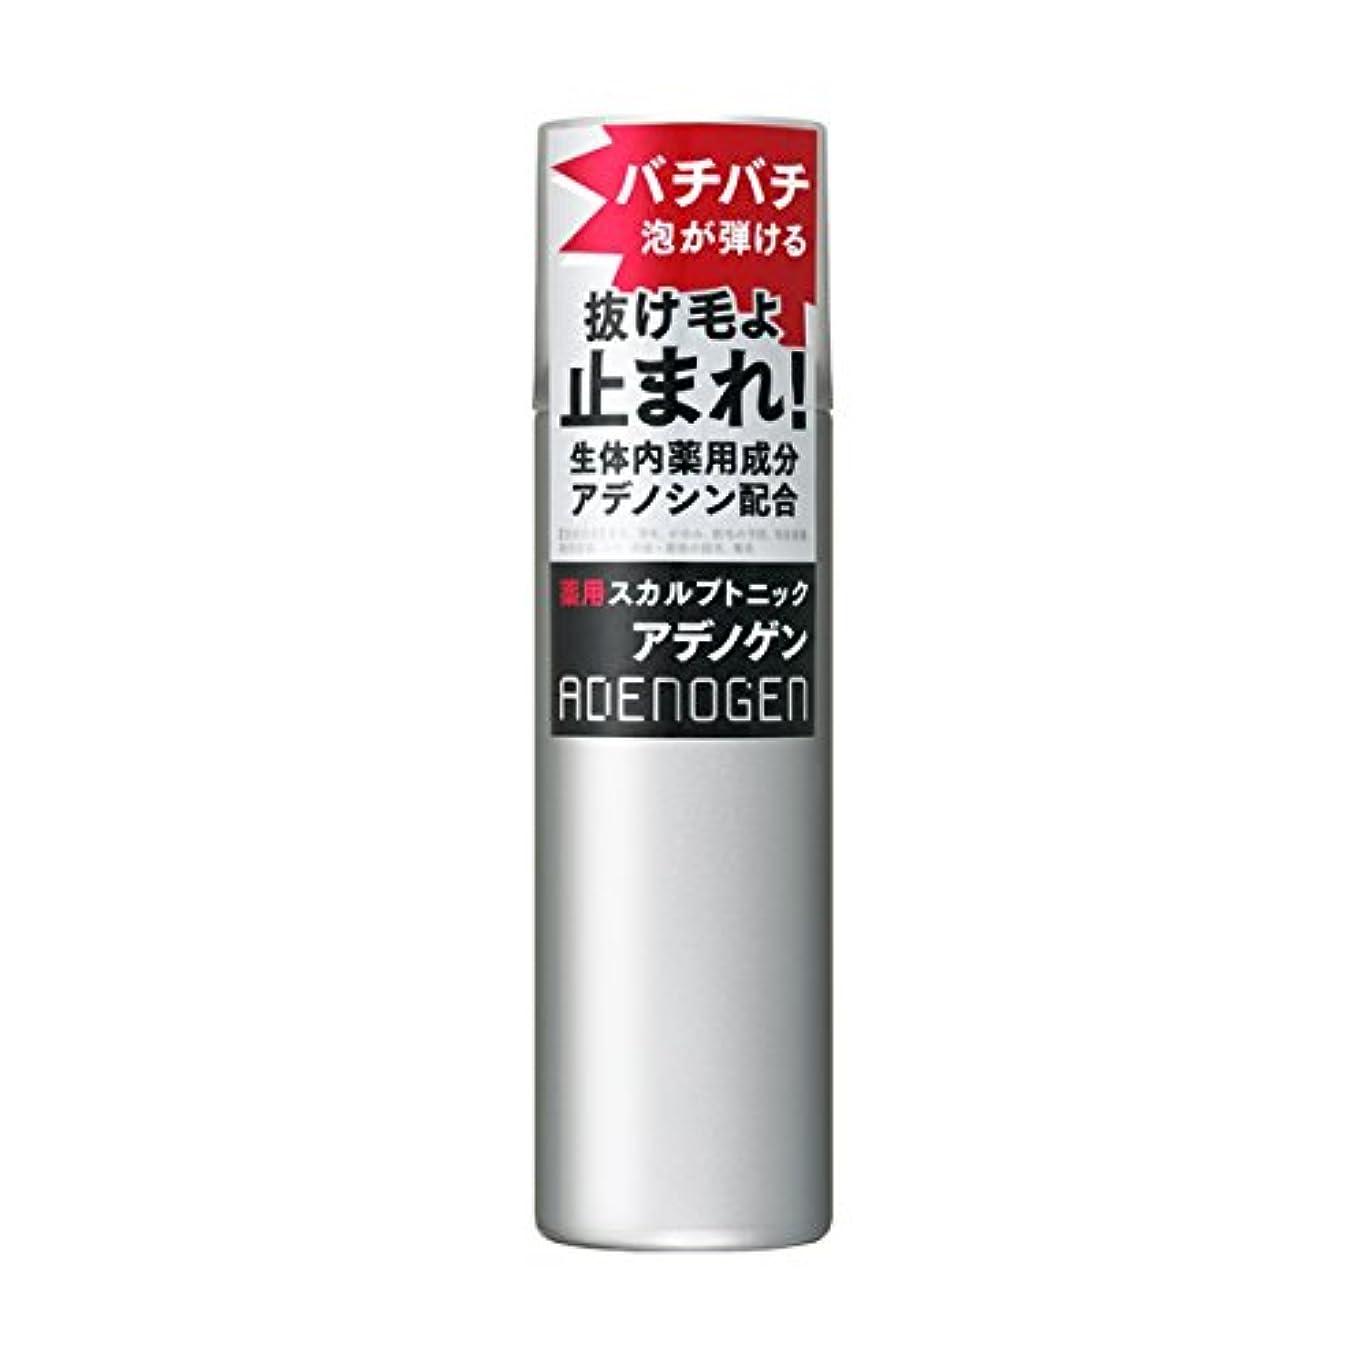 争う従事する知覚的アデノゲン 薬用スカルプトニック 130g 【医薬部外品】